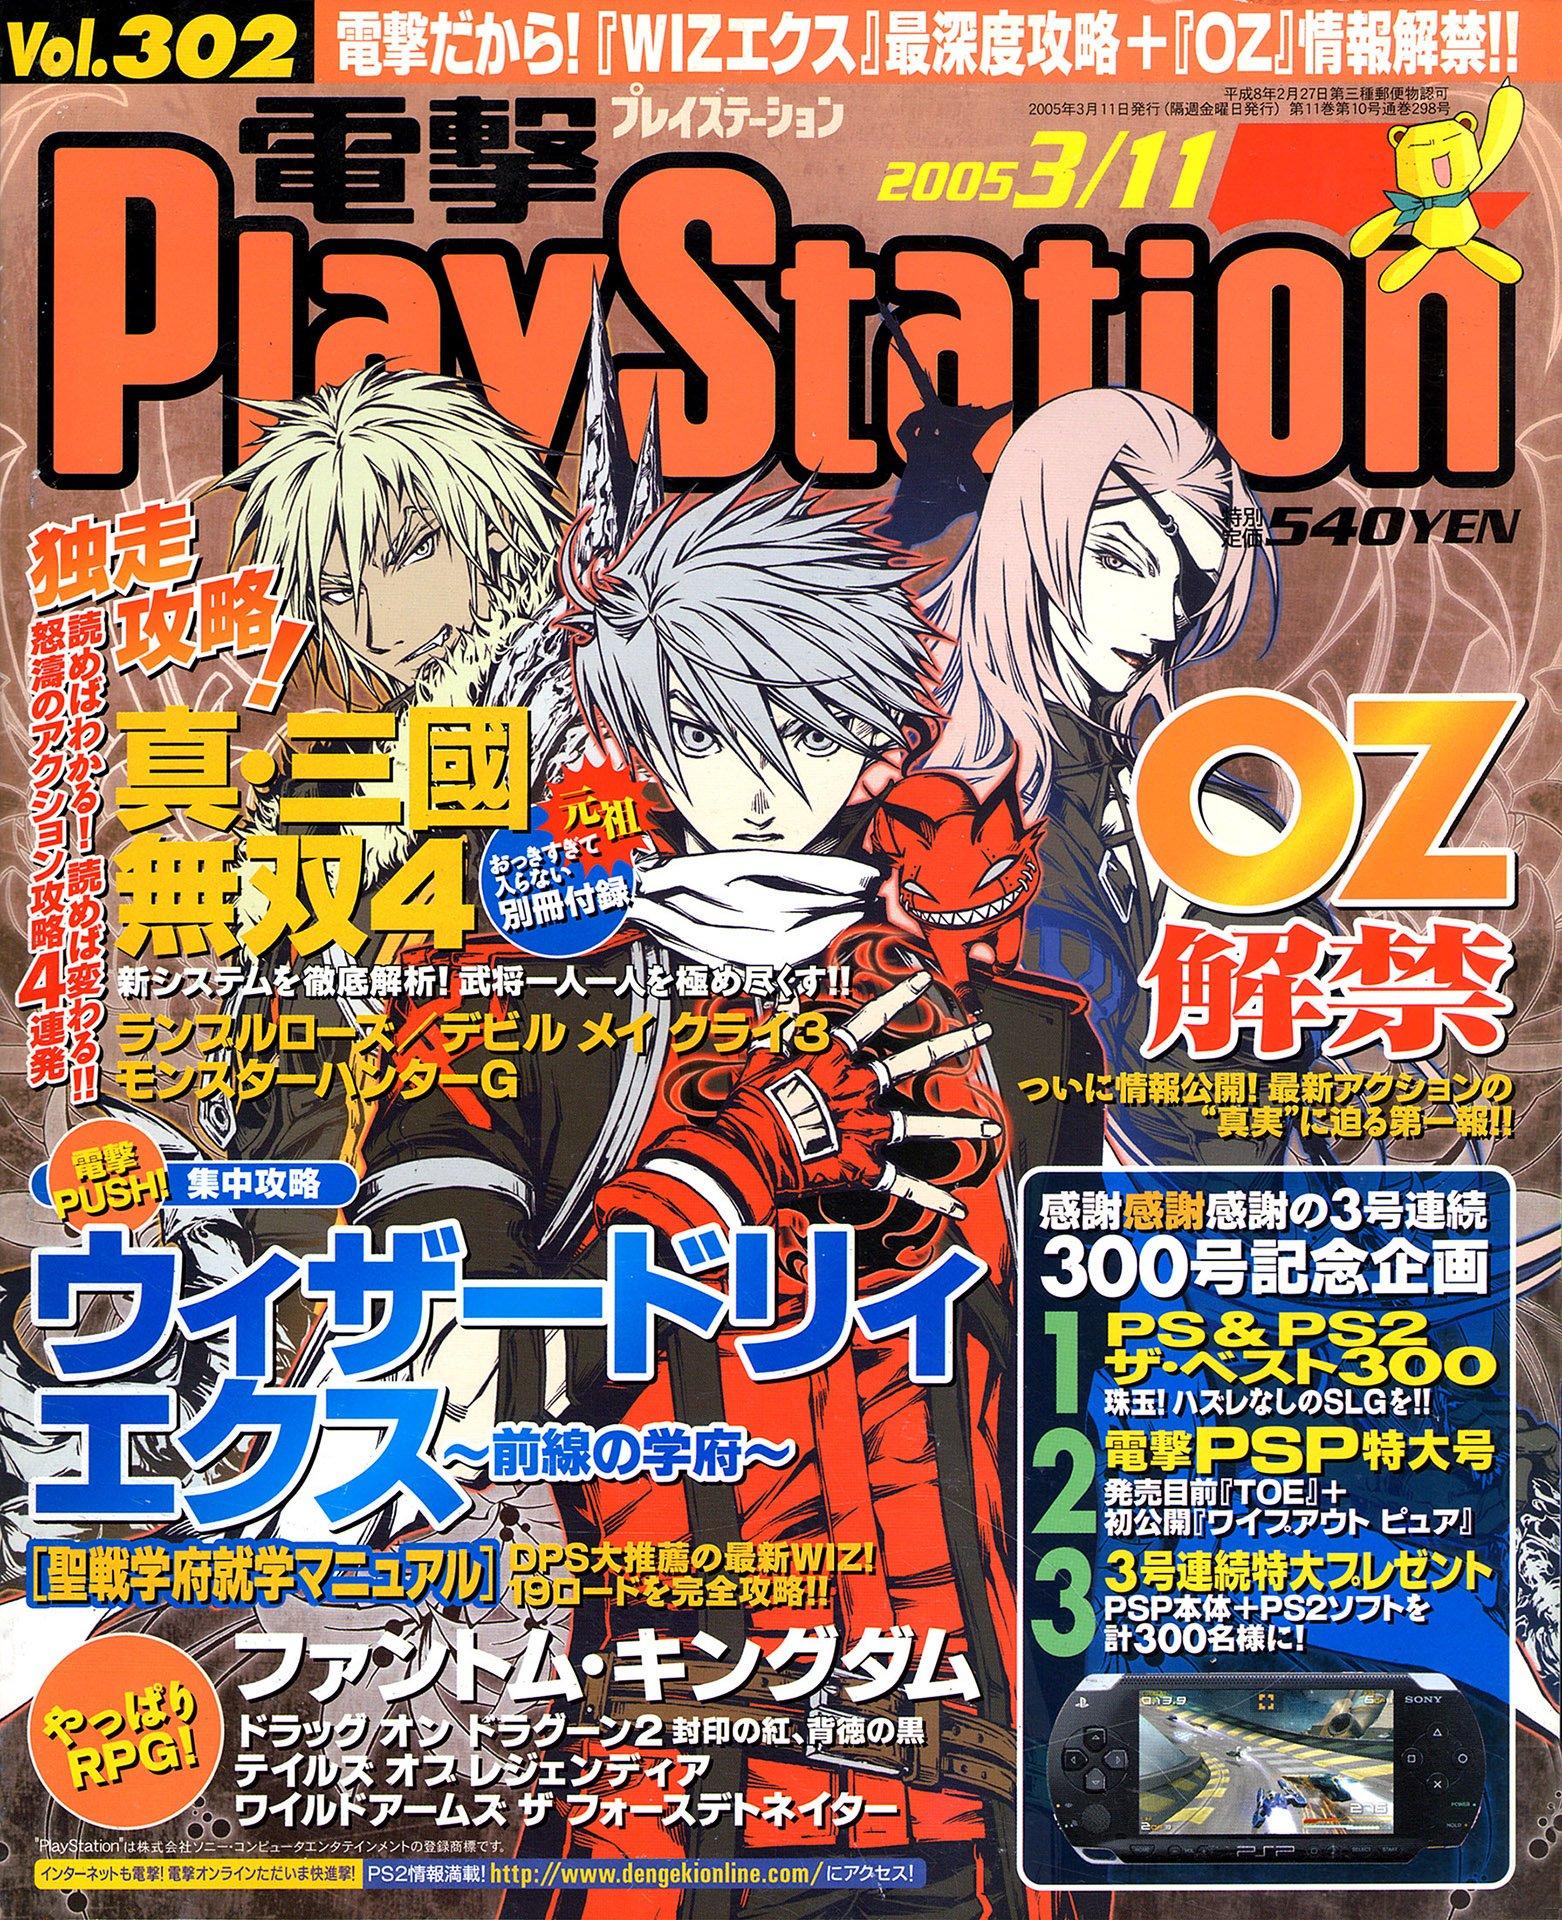 Dengeki PlayStation 302 (March 11, 2005)